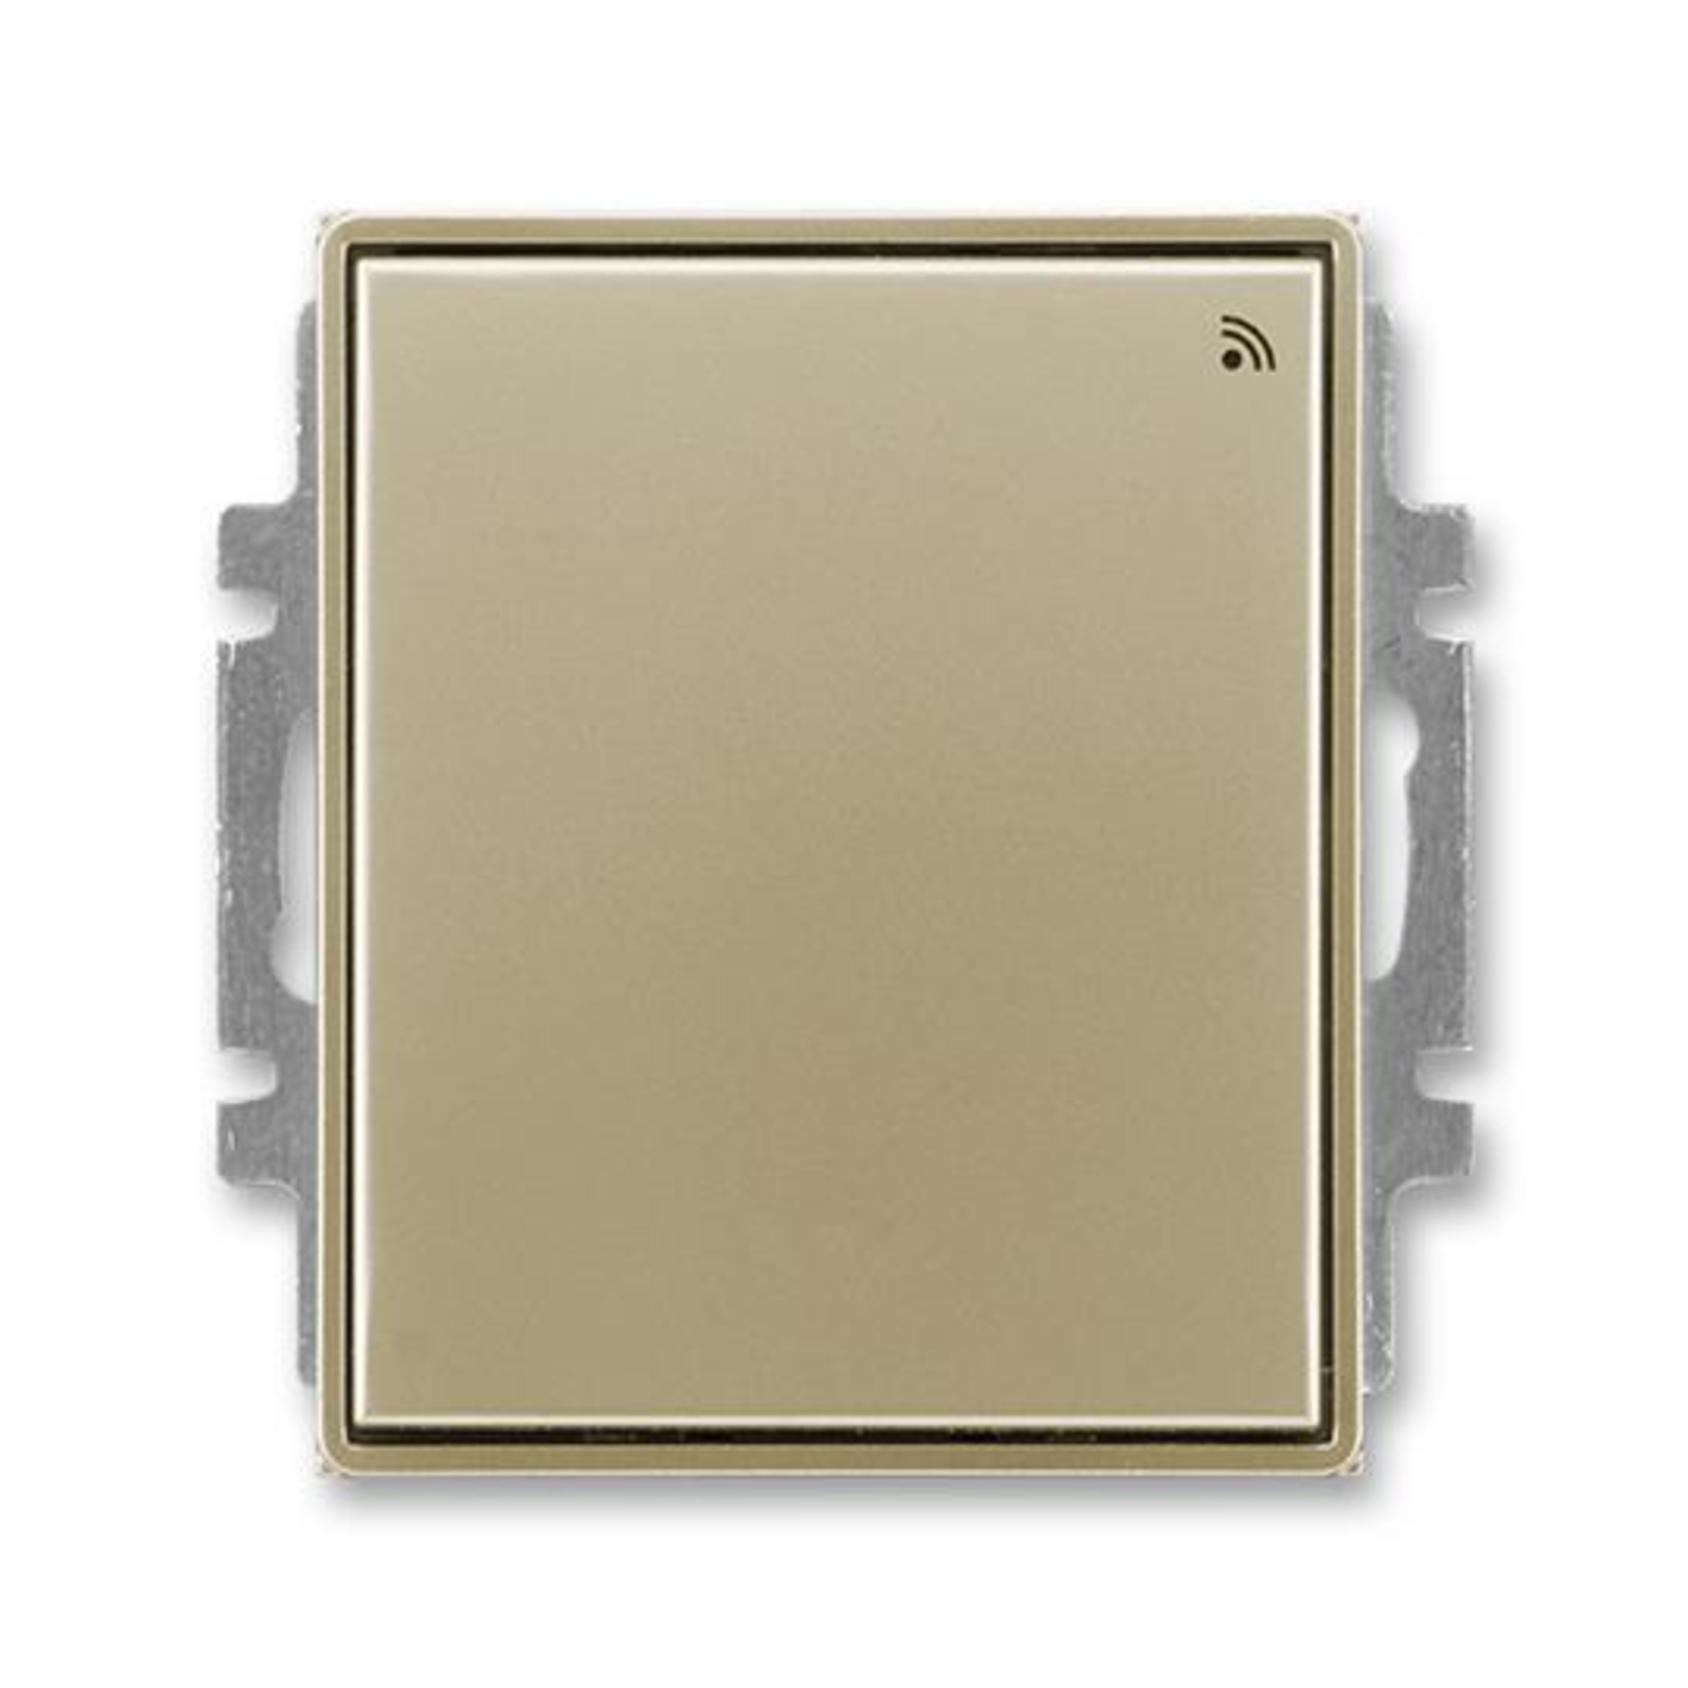 ABB 3299E-A23108 33 Time Spínač s krátkocestným ovladačem, s přijímačem RF signálu, 868 MHz